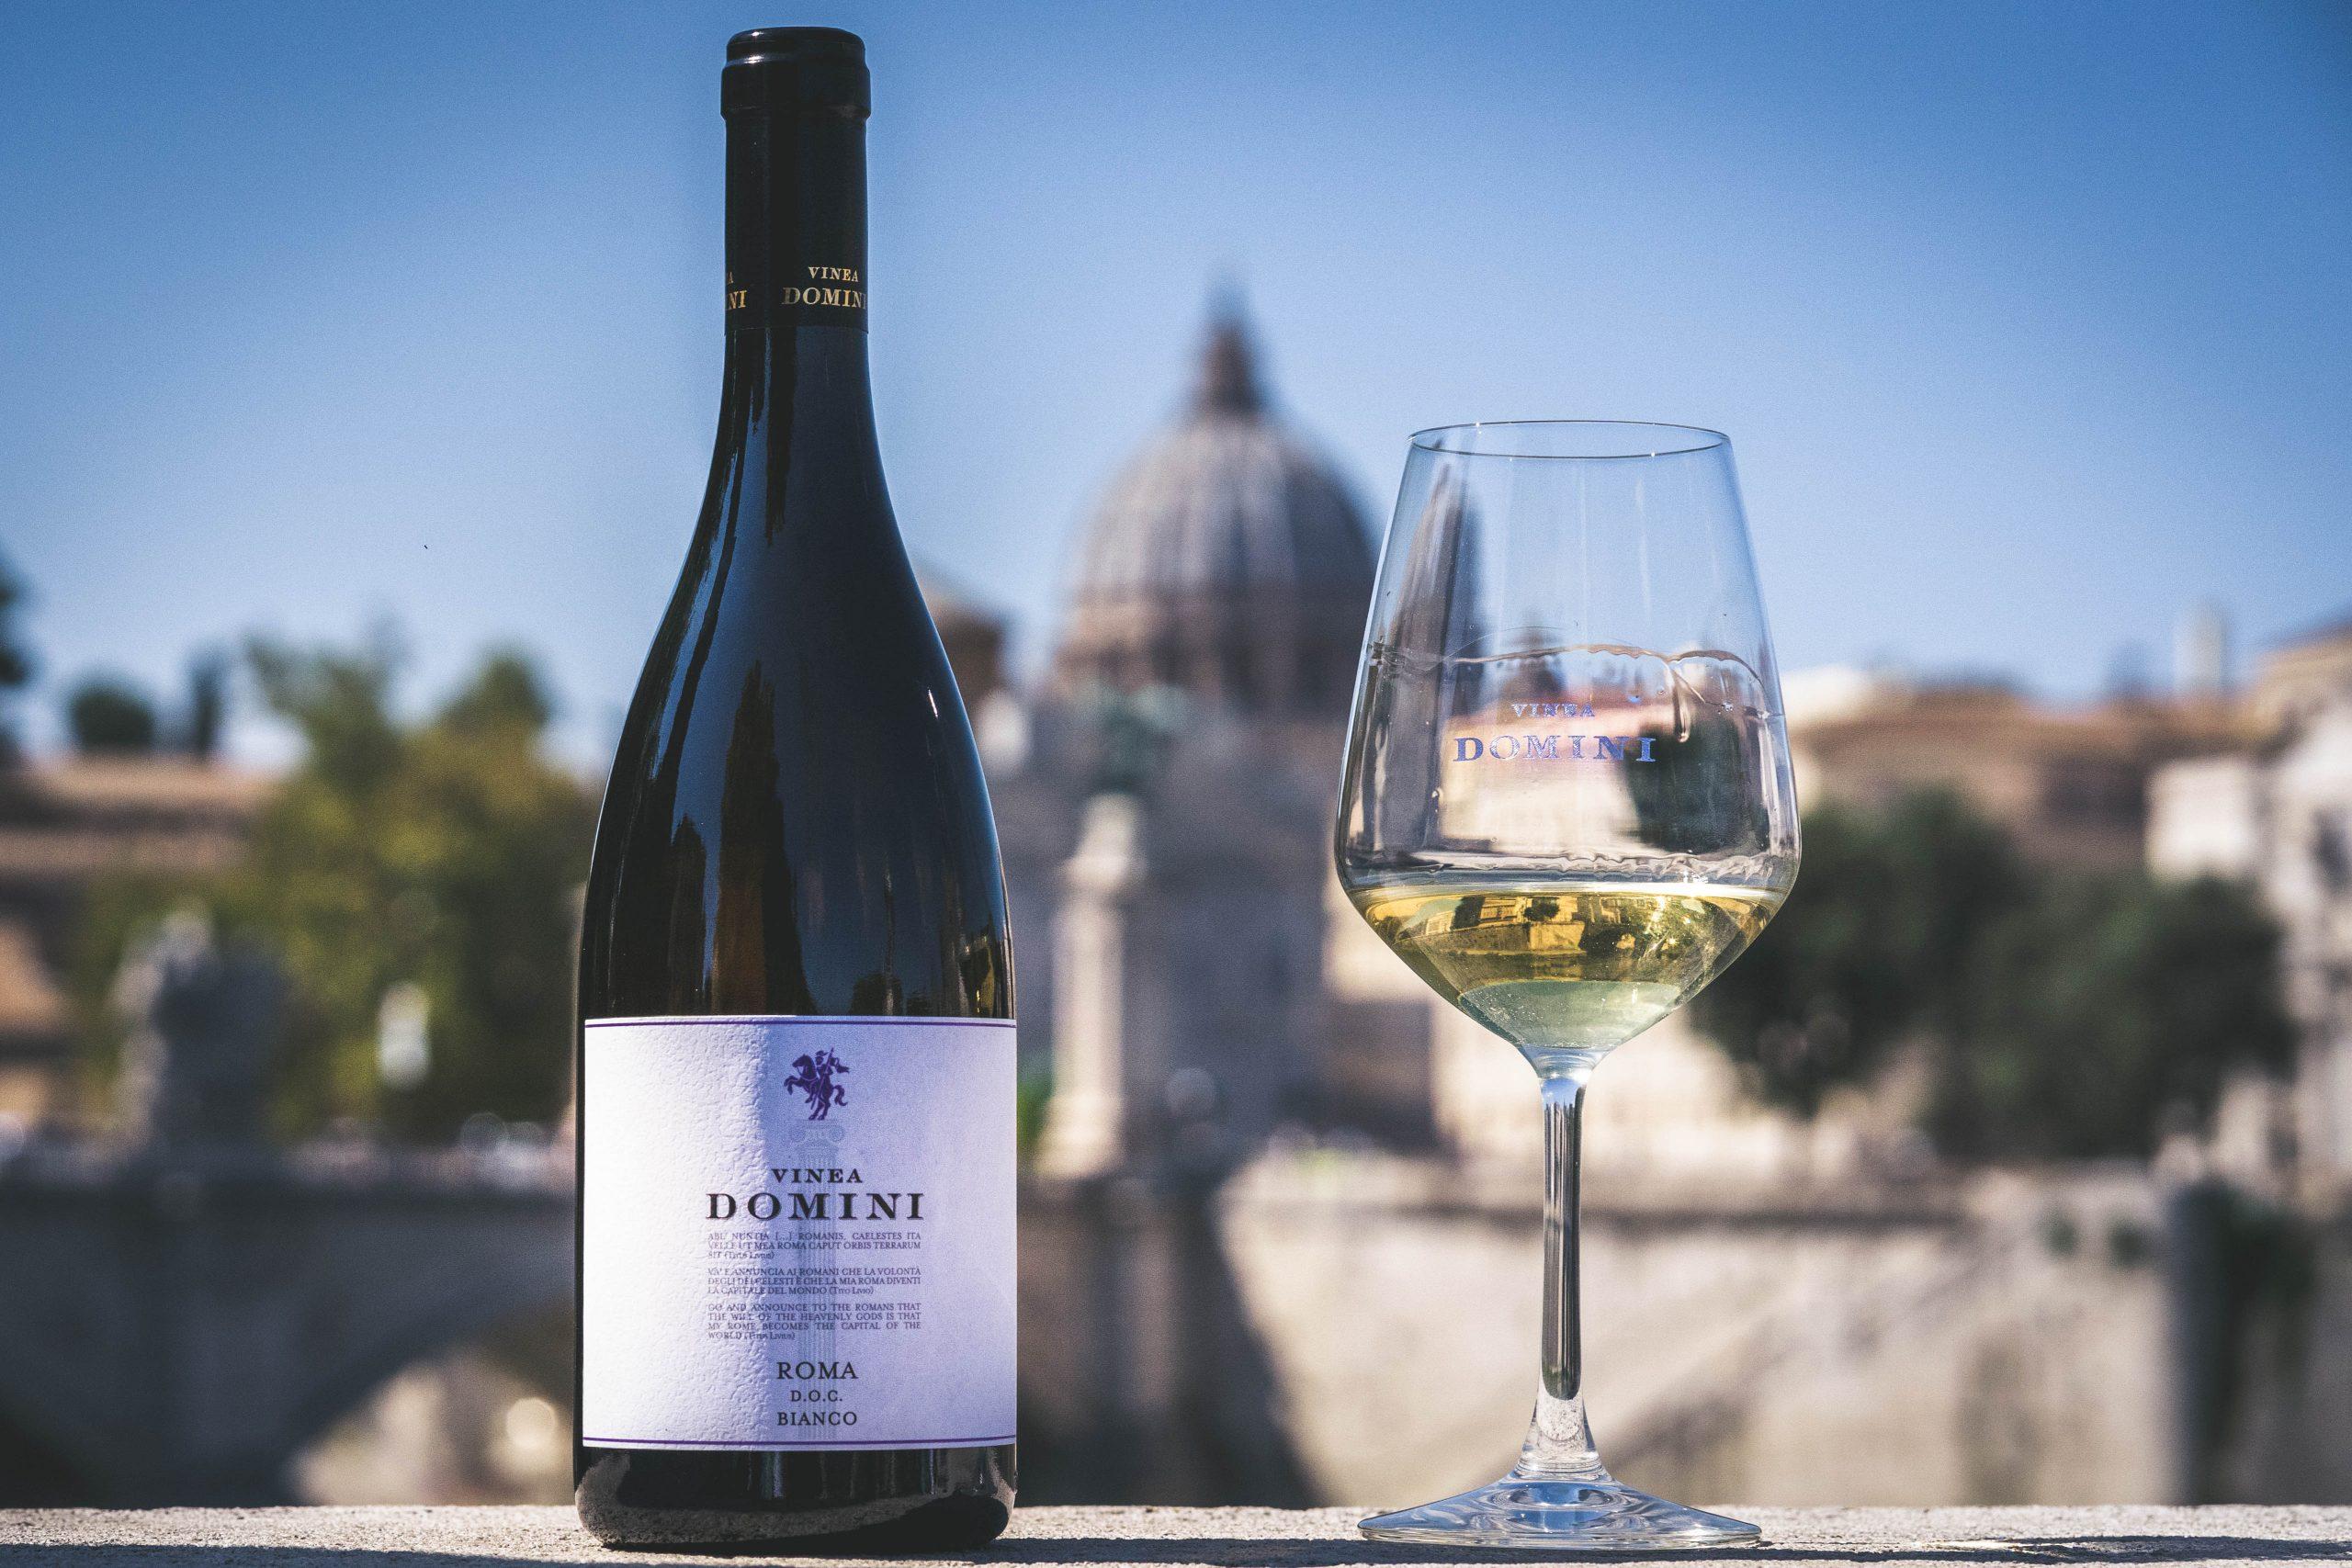 Vinea Domini. Nuovi vini dedicati a Roma da Gotto d'Oro, storica cooperativa dei Castelli Romani